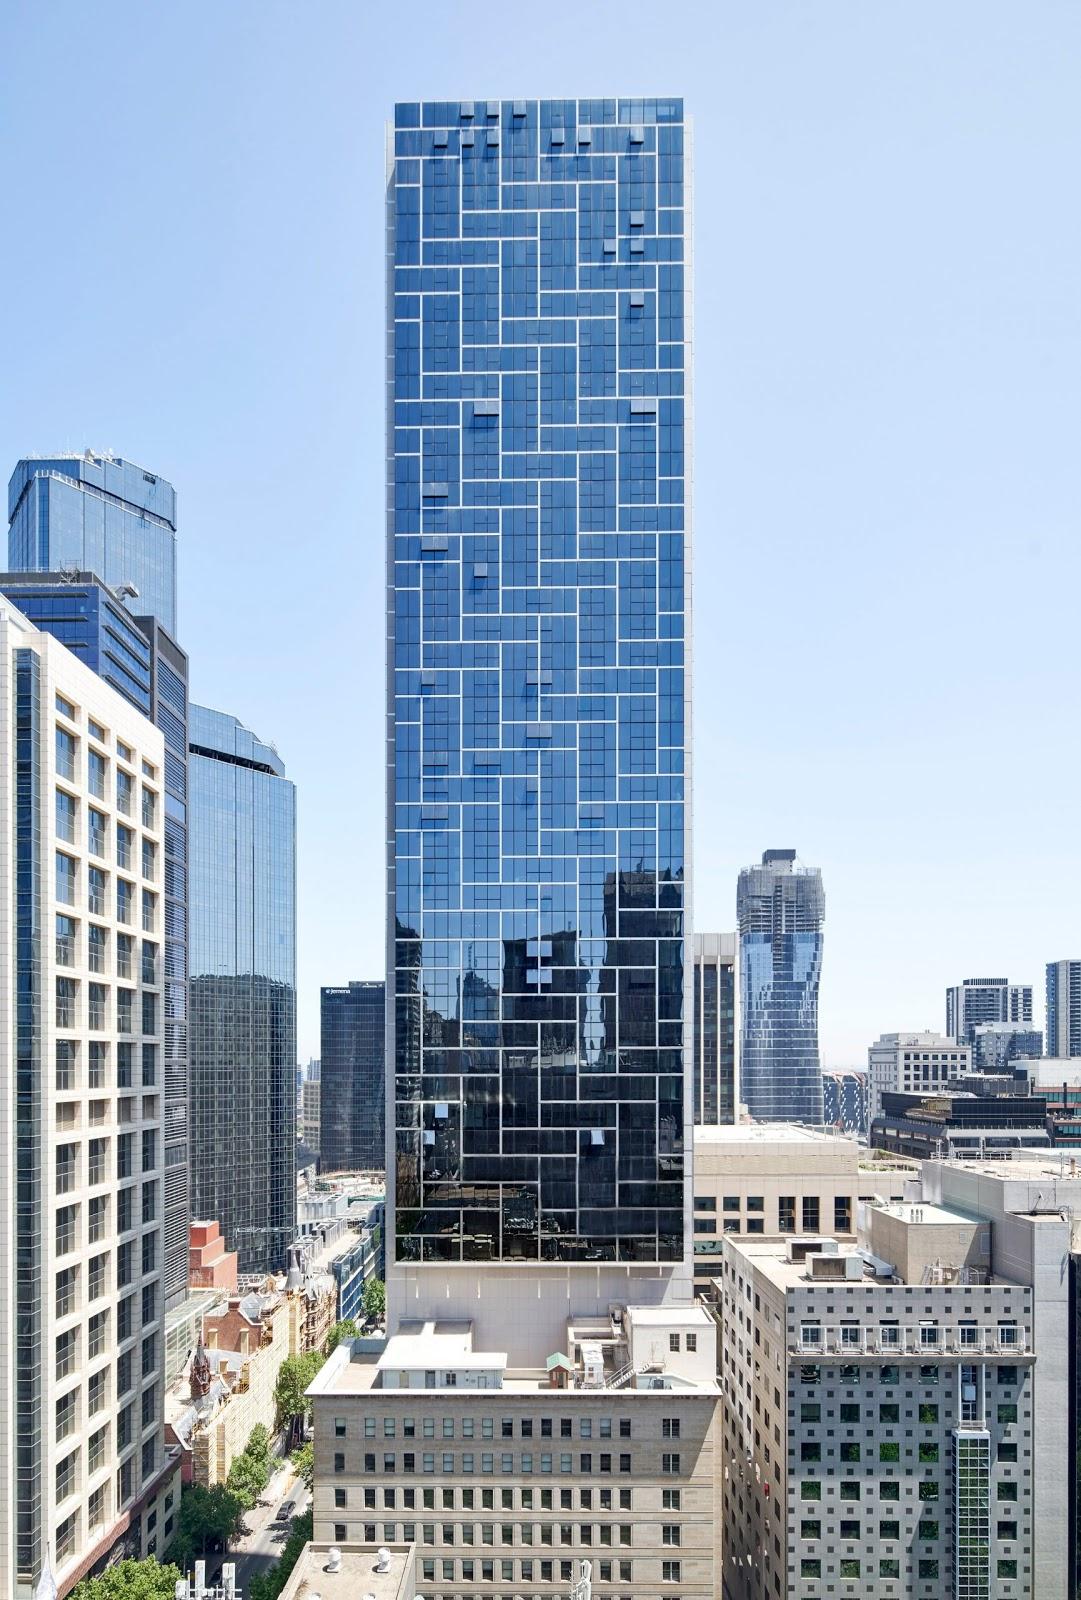 Bates Smart hoàn thành tòa nhà chọc trời chỉ rộng 11,5 métBates Smart hoàn thành tòa nhà chọc trời chỉ rộng 11,5 mét